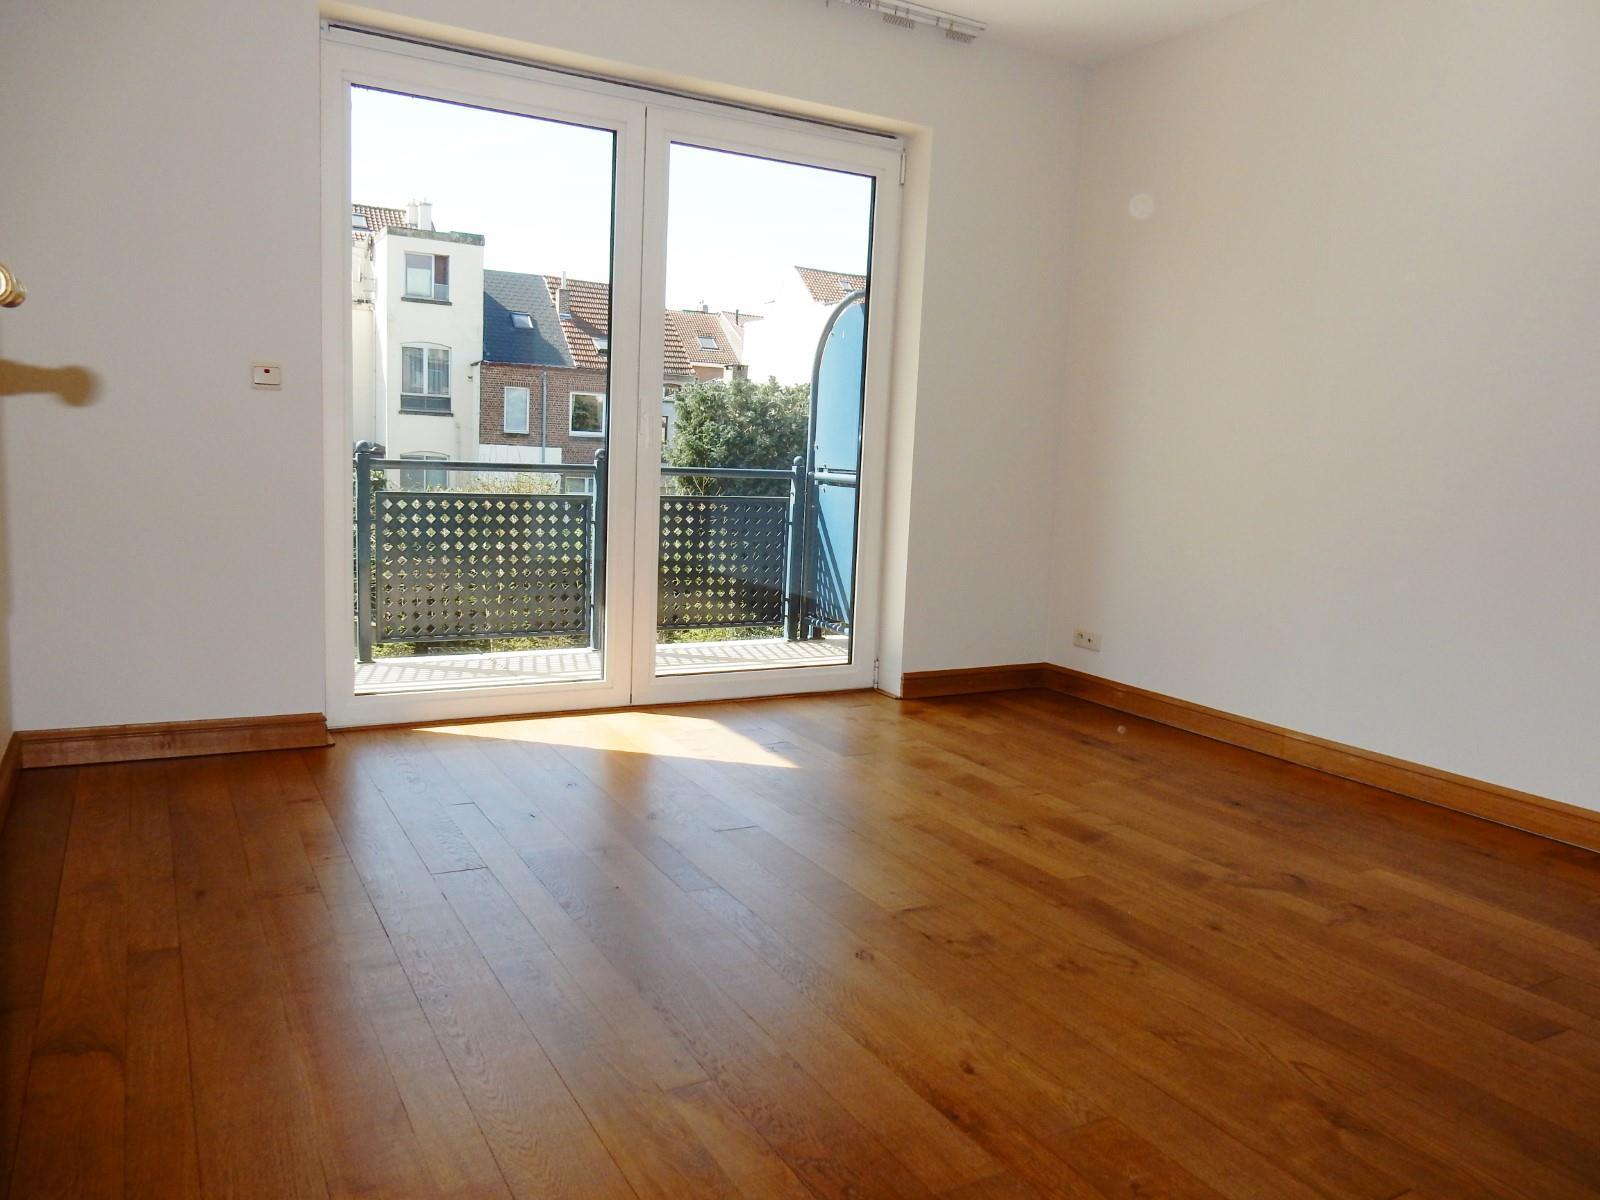 Uitzonderlijk appartement - Woluwe-Saint-Pierre - #3116510-28